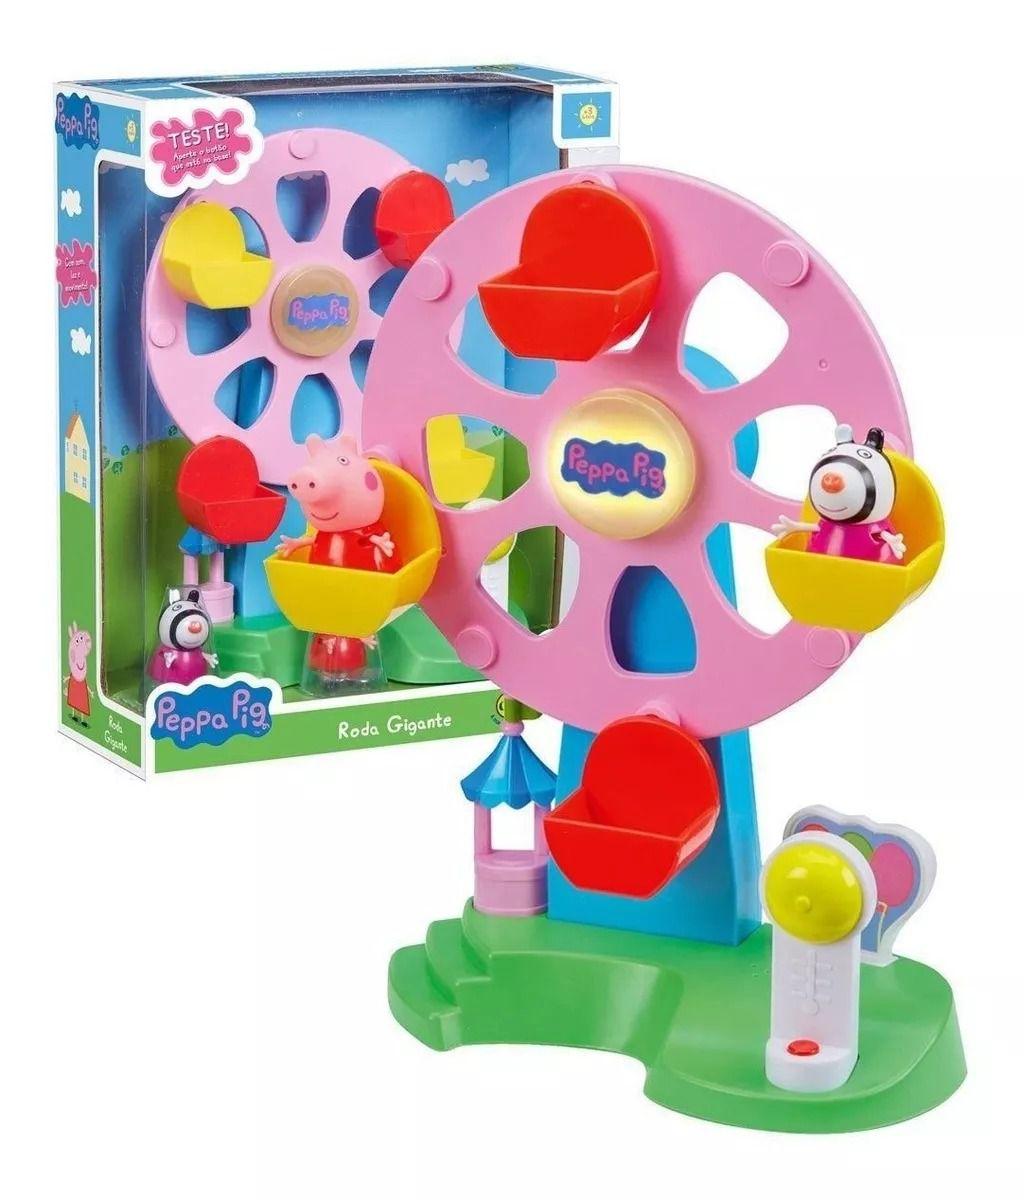 Peppa Pig Roda Gigante Com Luz e Som – 2 bonecos Peppa e Zoe- Dtc